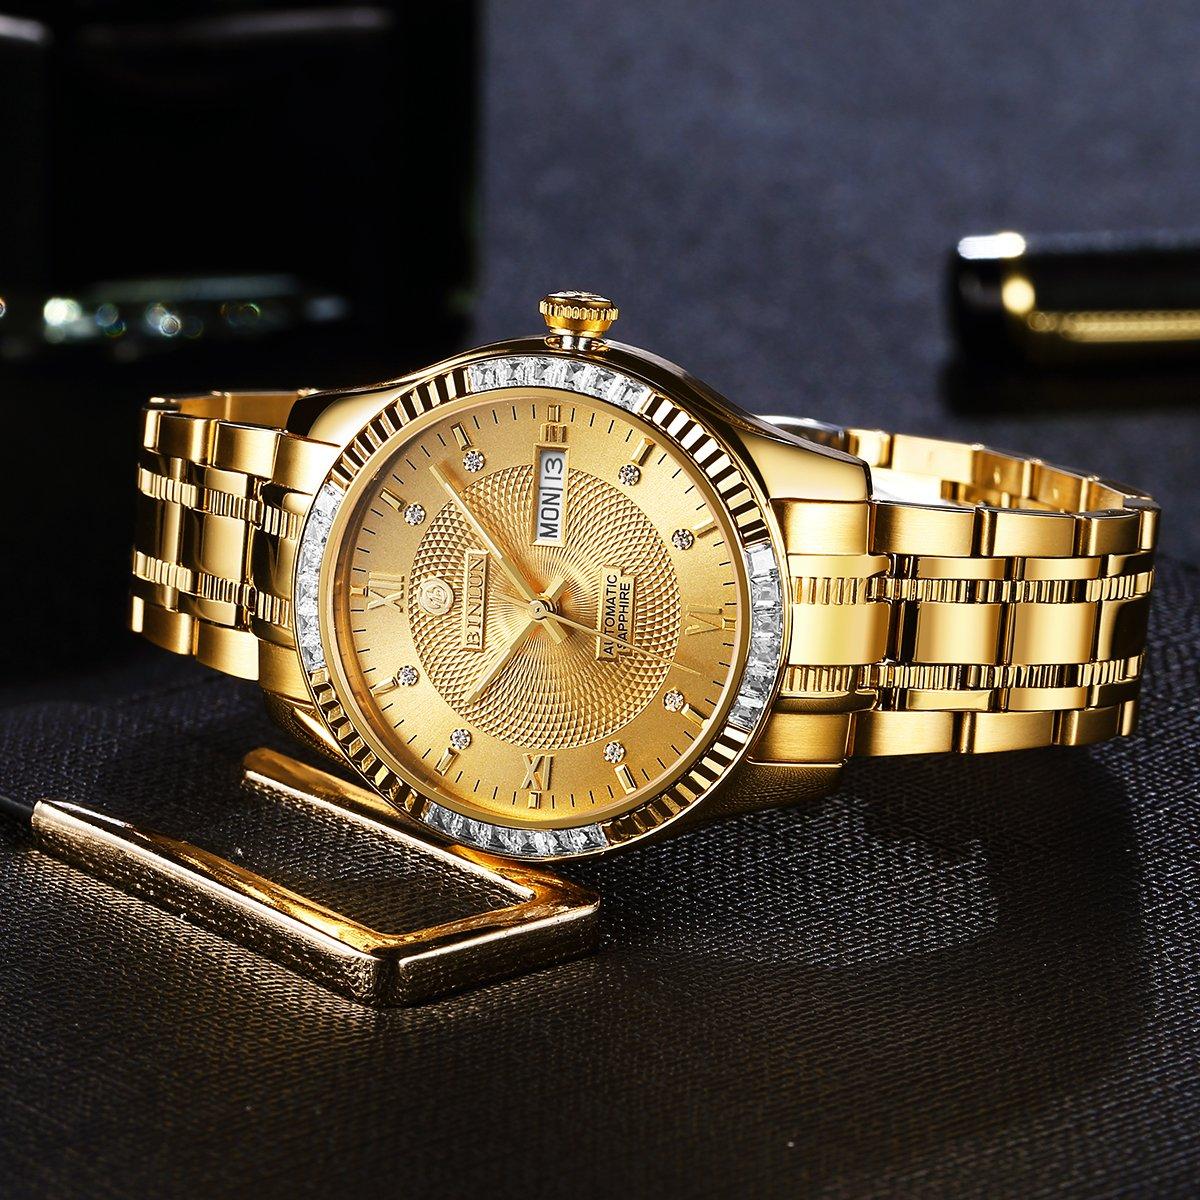 BINLUN 18 K Oro Hombres de Lujo del Reloj japonés automático con Calendario Impermeable Relojes para Hombres: Amazon.es: Relojes